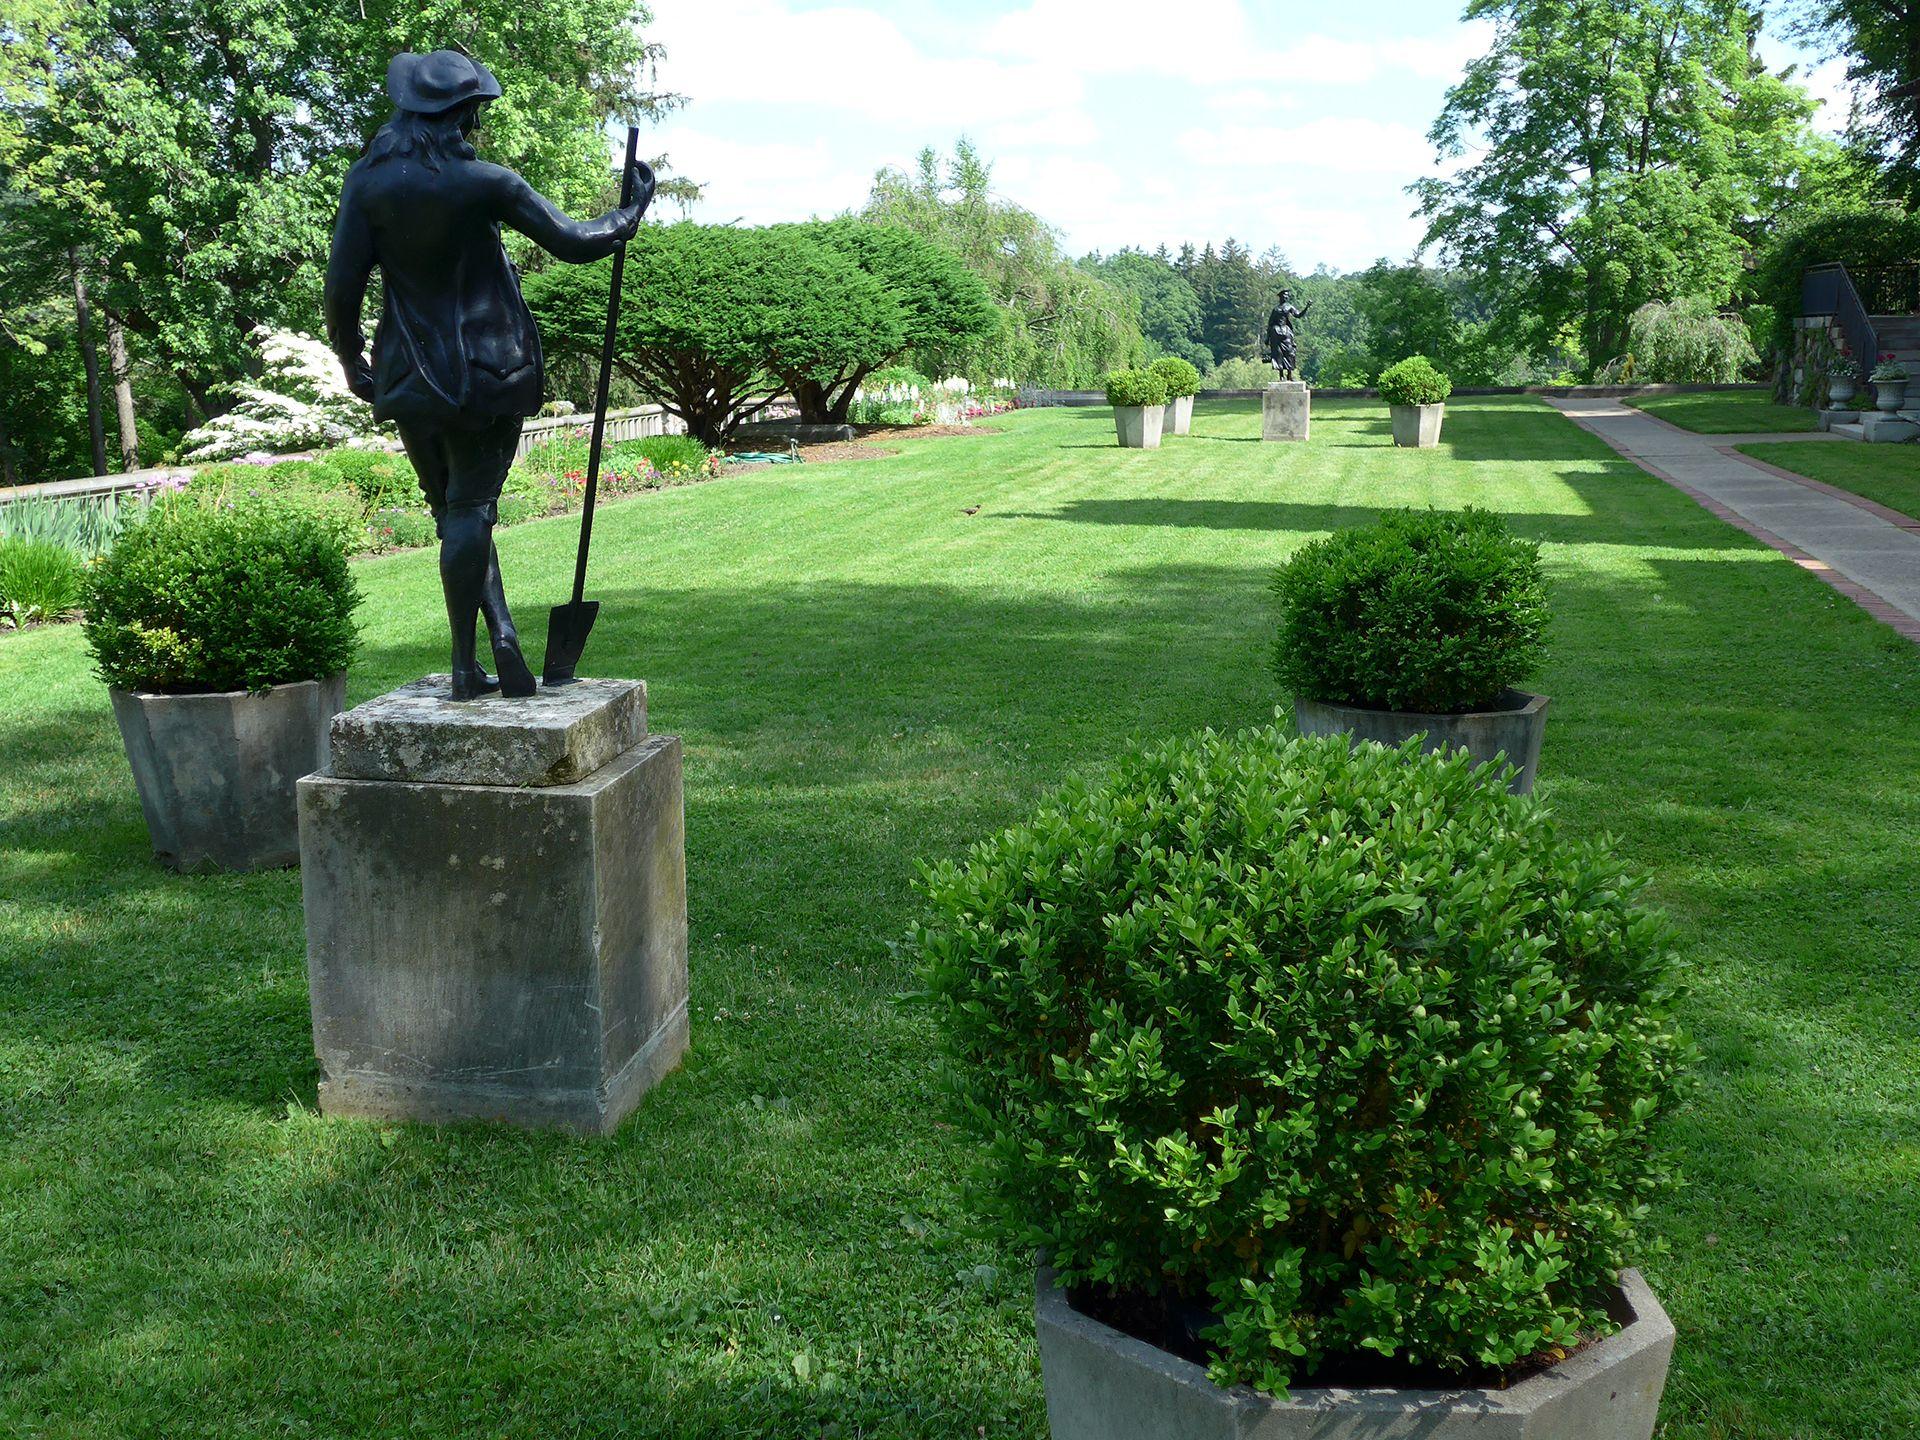 Cranbrook House & Gardens | School | Pinterest | Gardens, House and ...